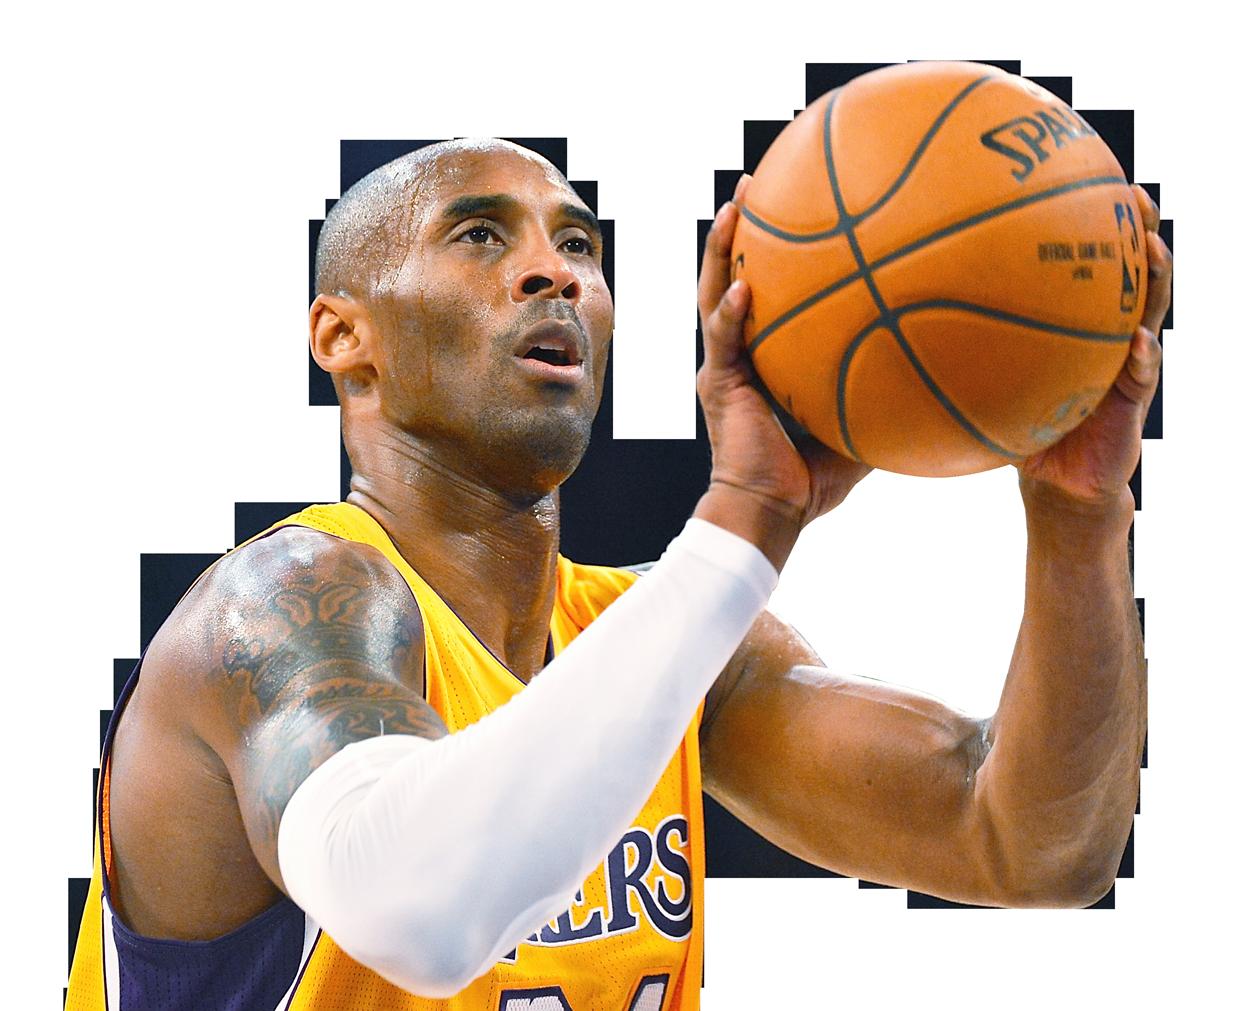 Kobe Bryant PNG Transparent Image.